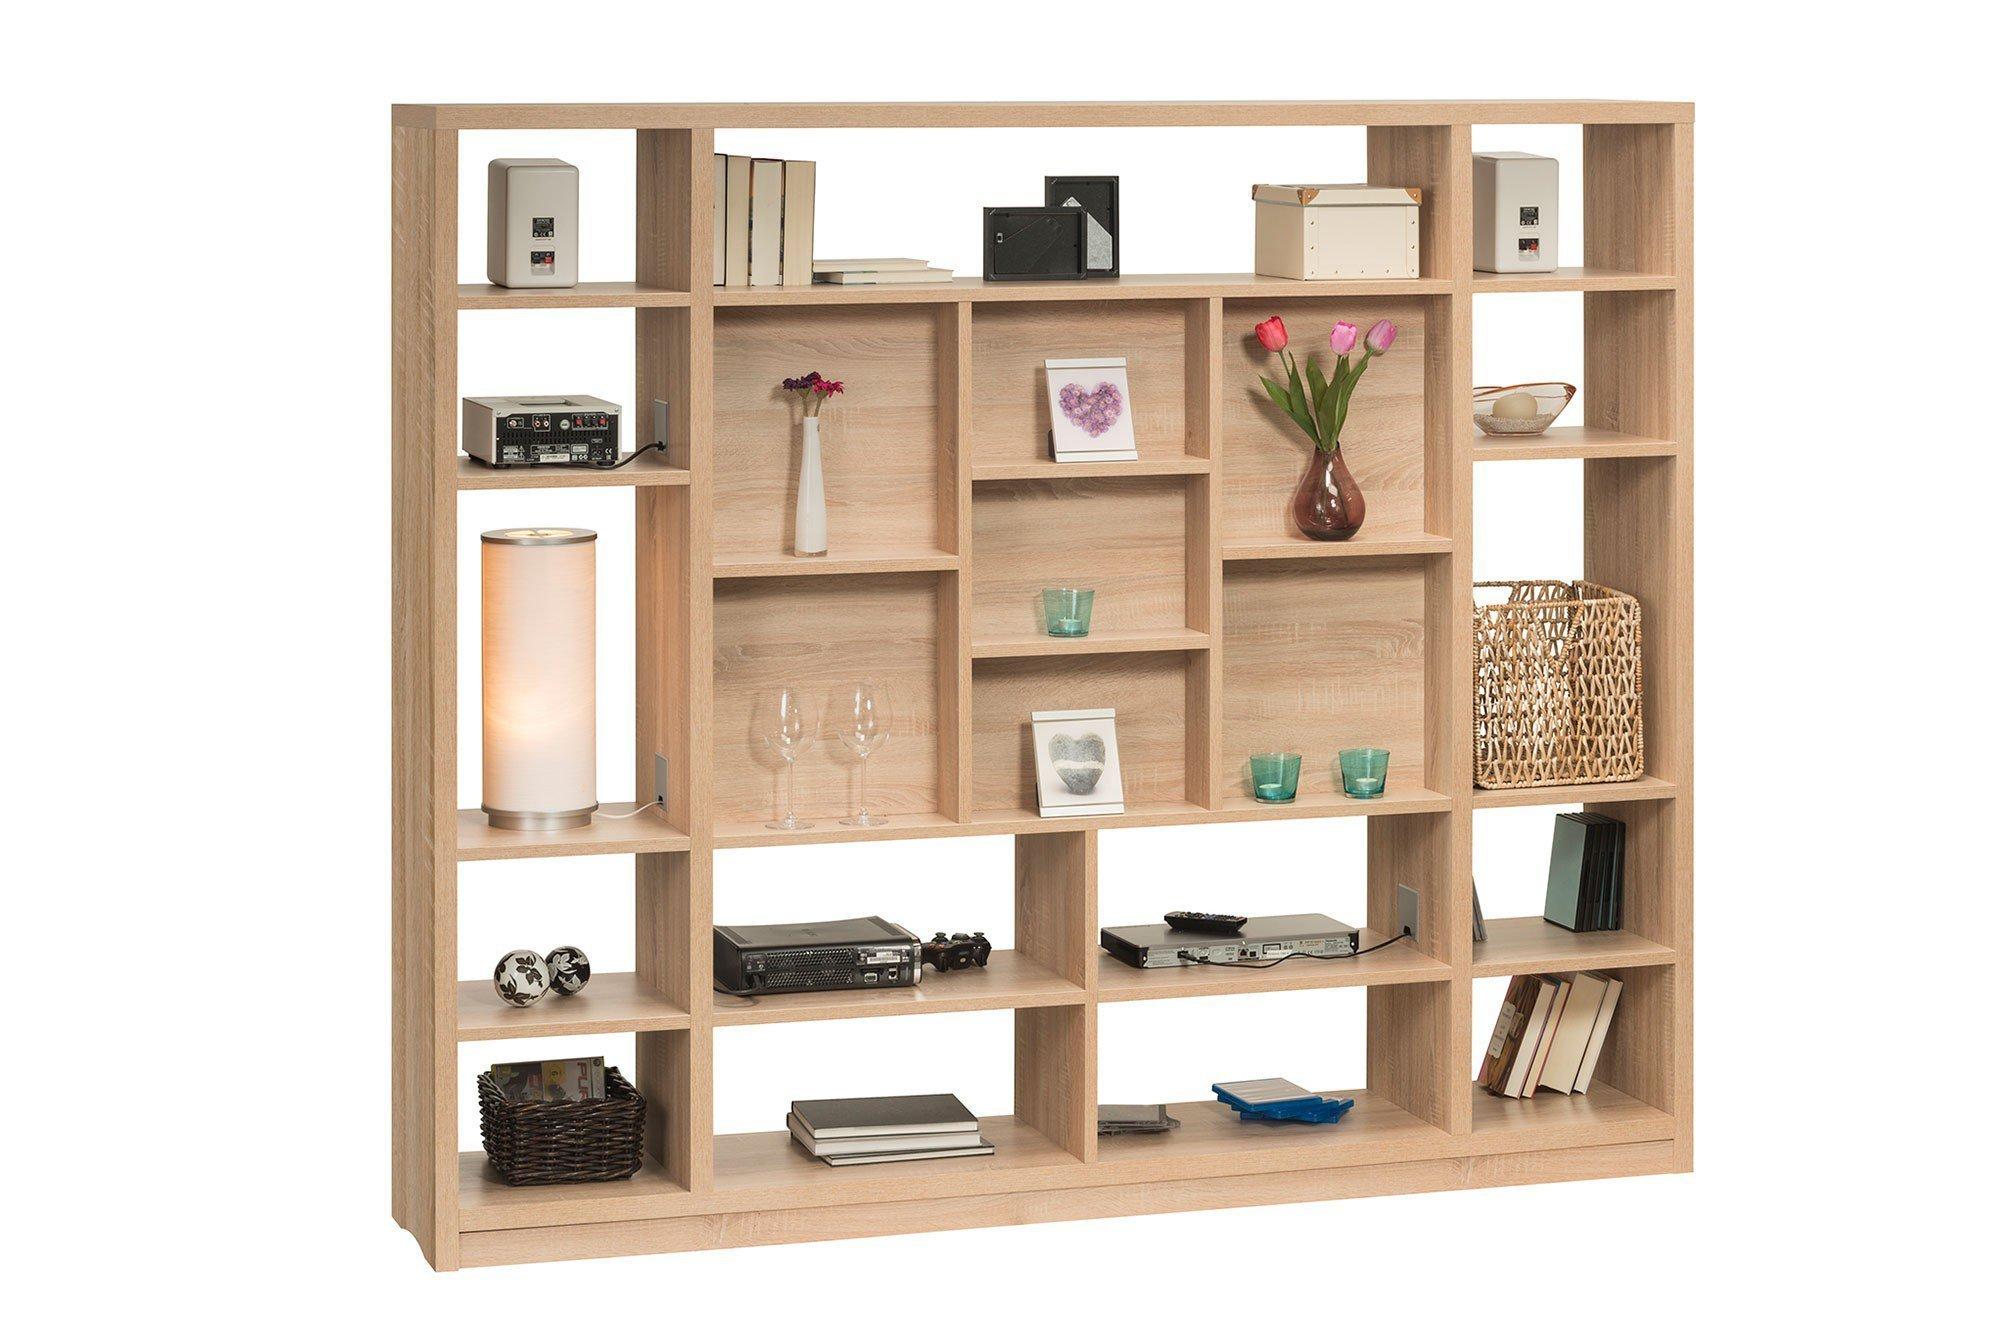 maja m bel raumteiler cableboard 6022 eiche m bel letz ihr online shop. Black Bedroom Furniture Sets. Home Design Ideas